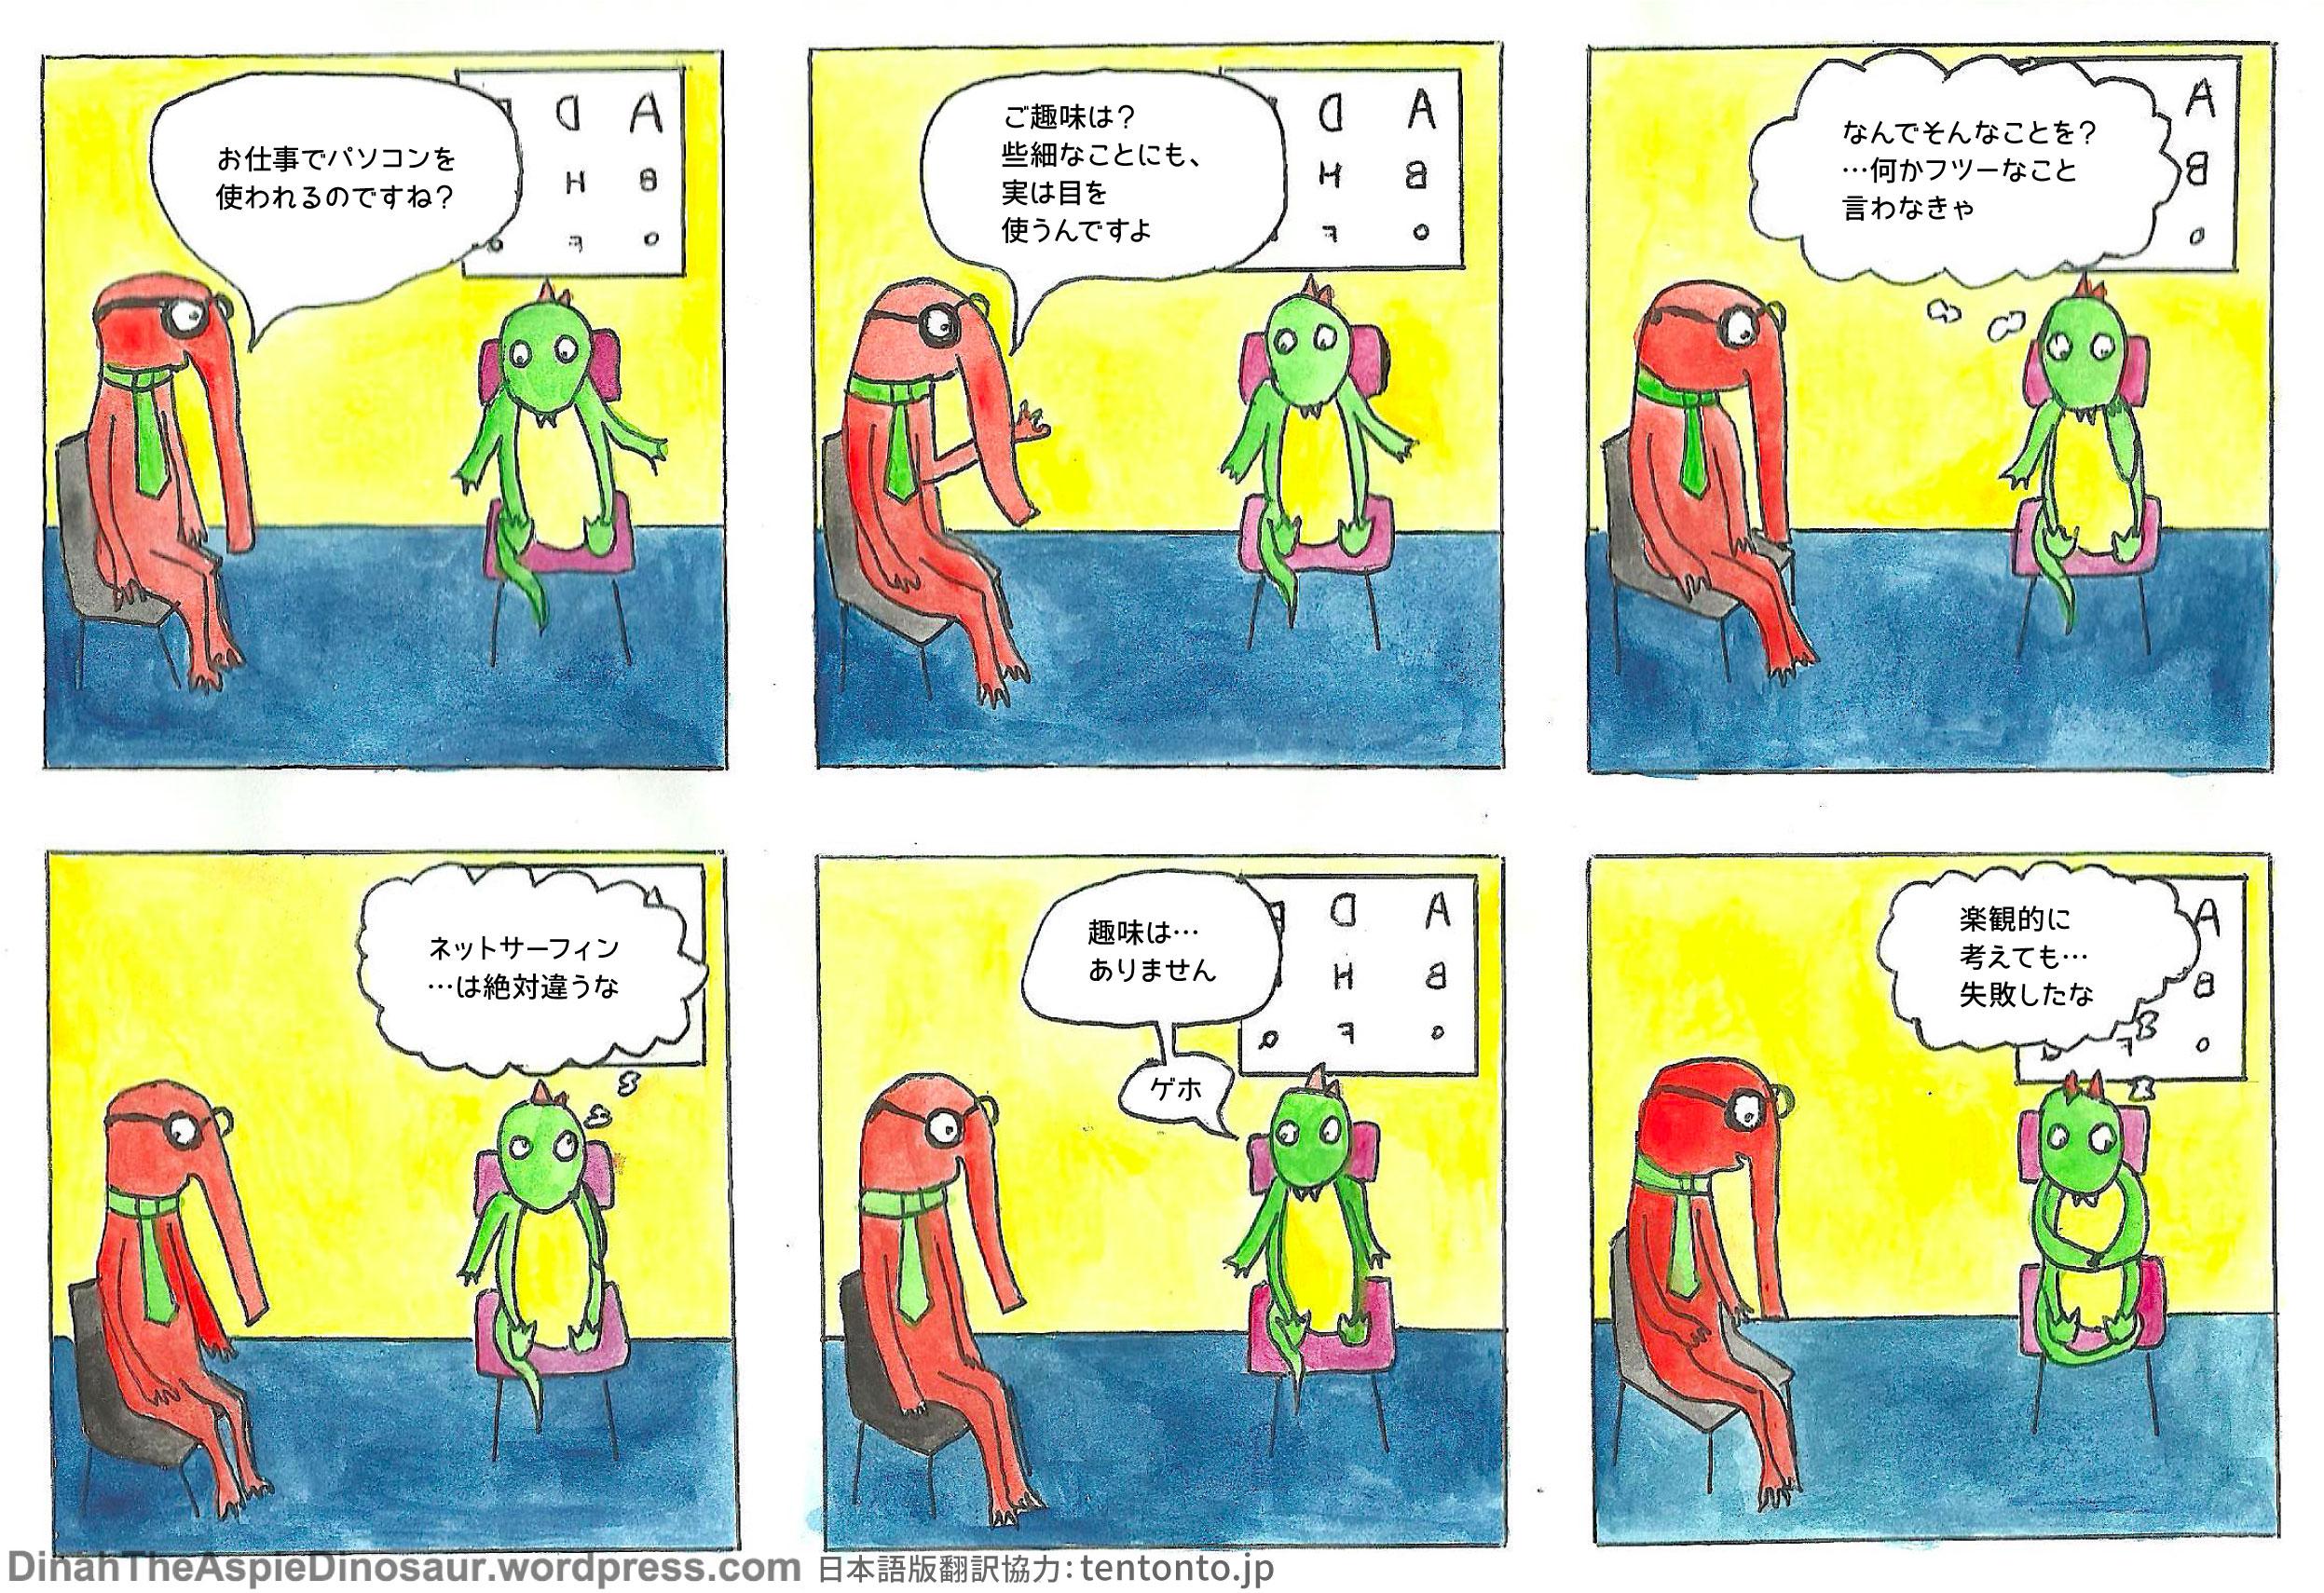 optician-dinah-tentonto-comic